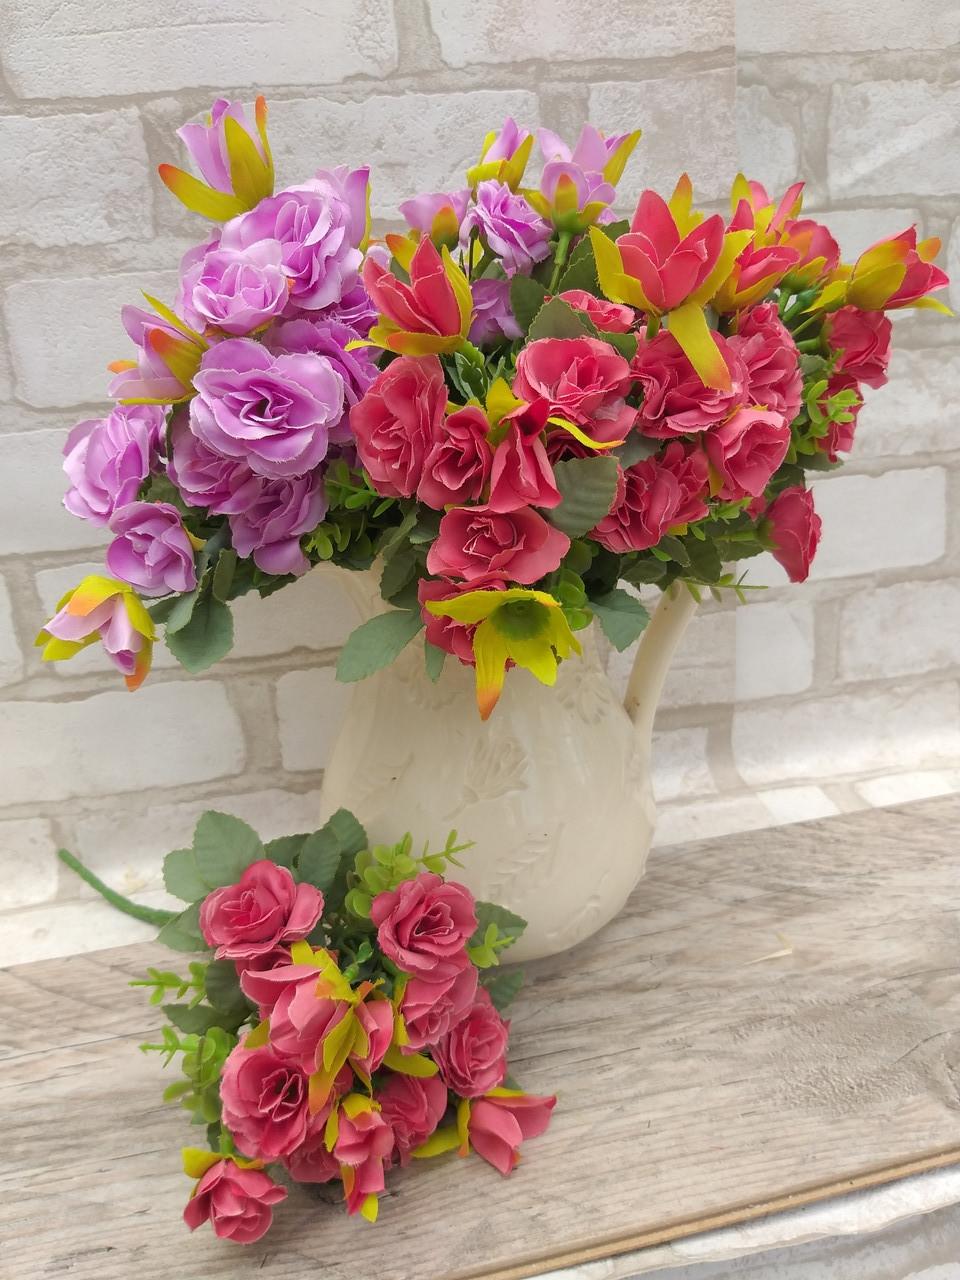 Троянда прованс в 2-х кольорах h-31см, 55/45 (цена за 1 шт. + 10 гр.)